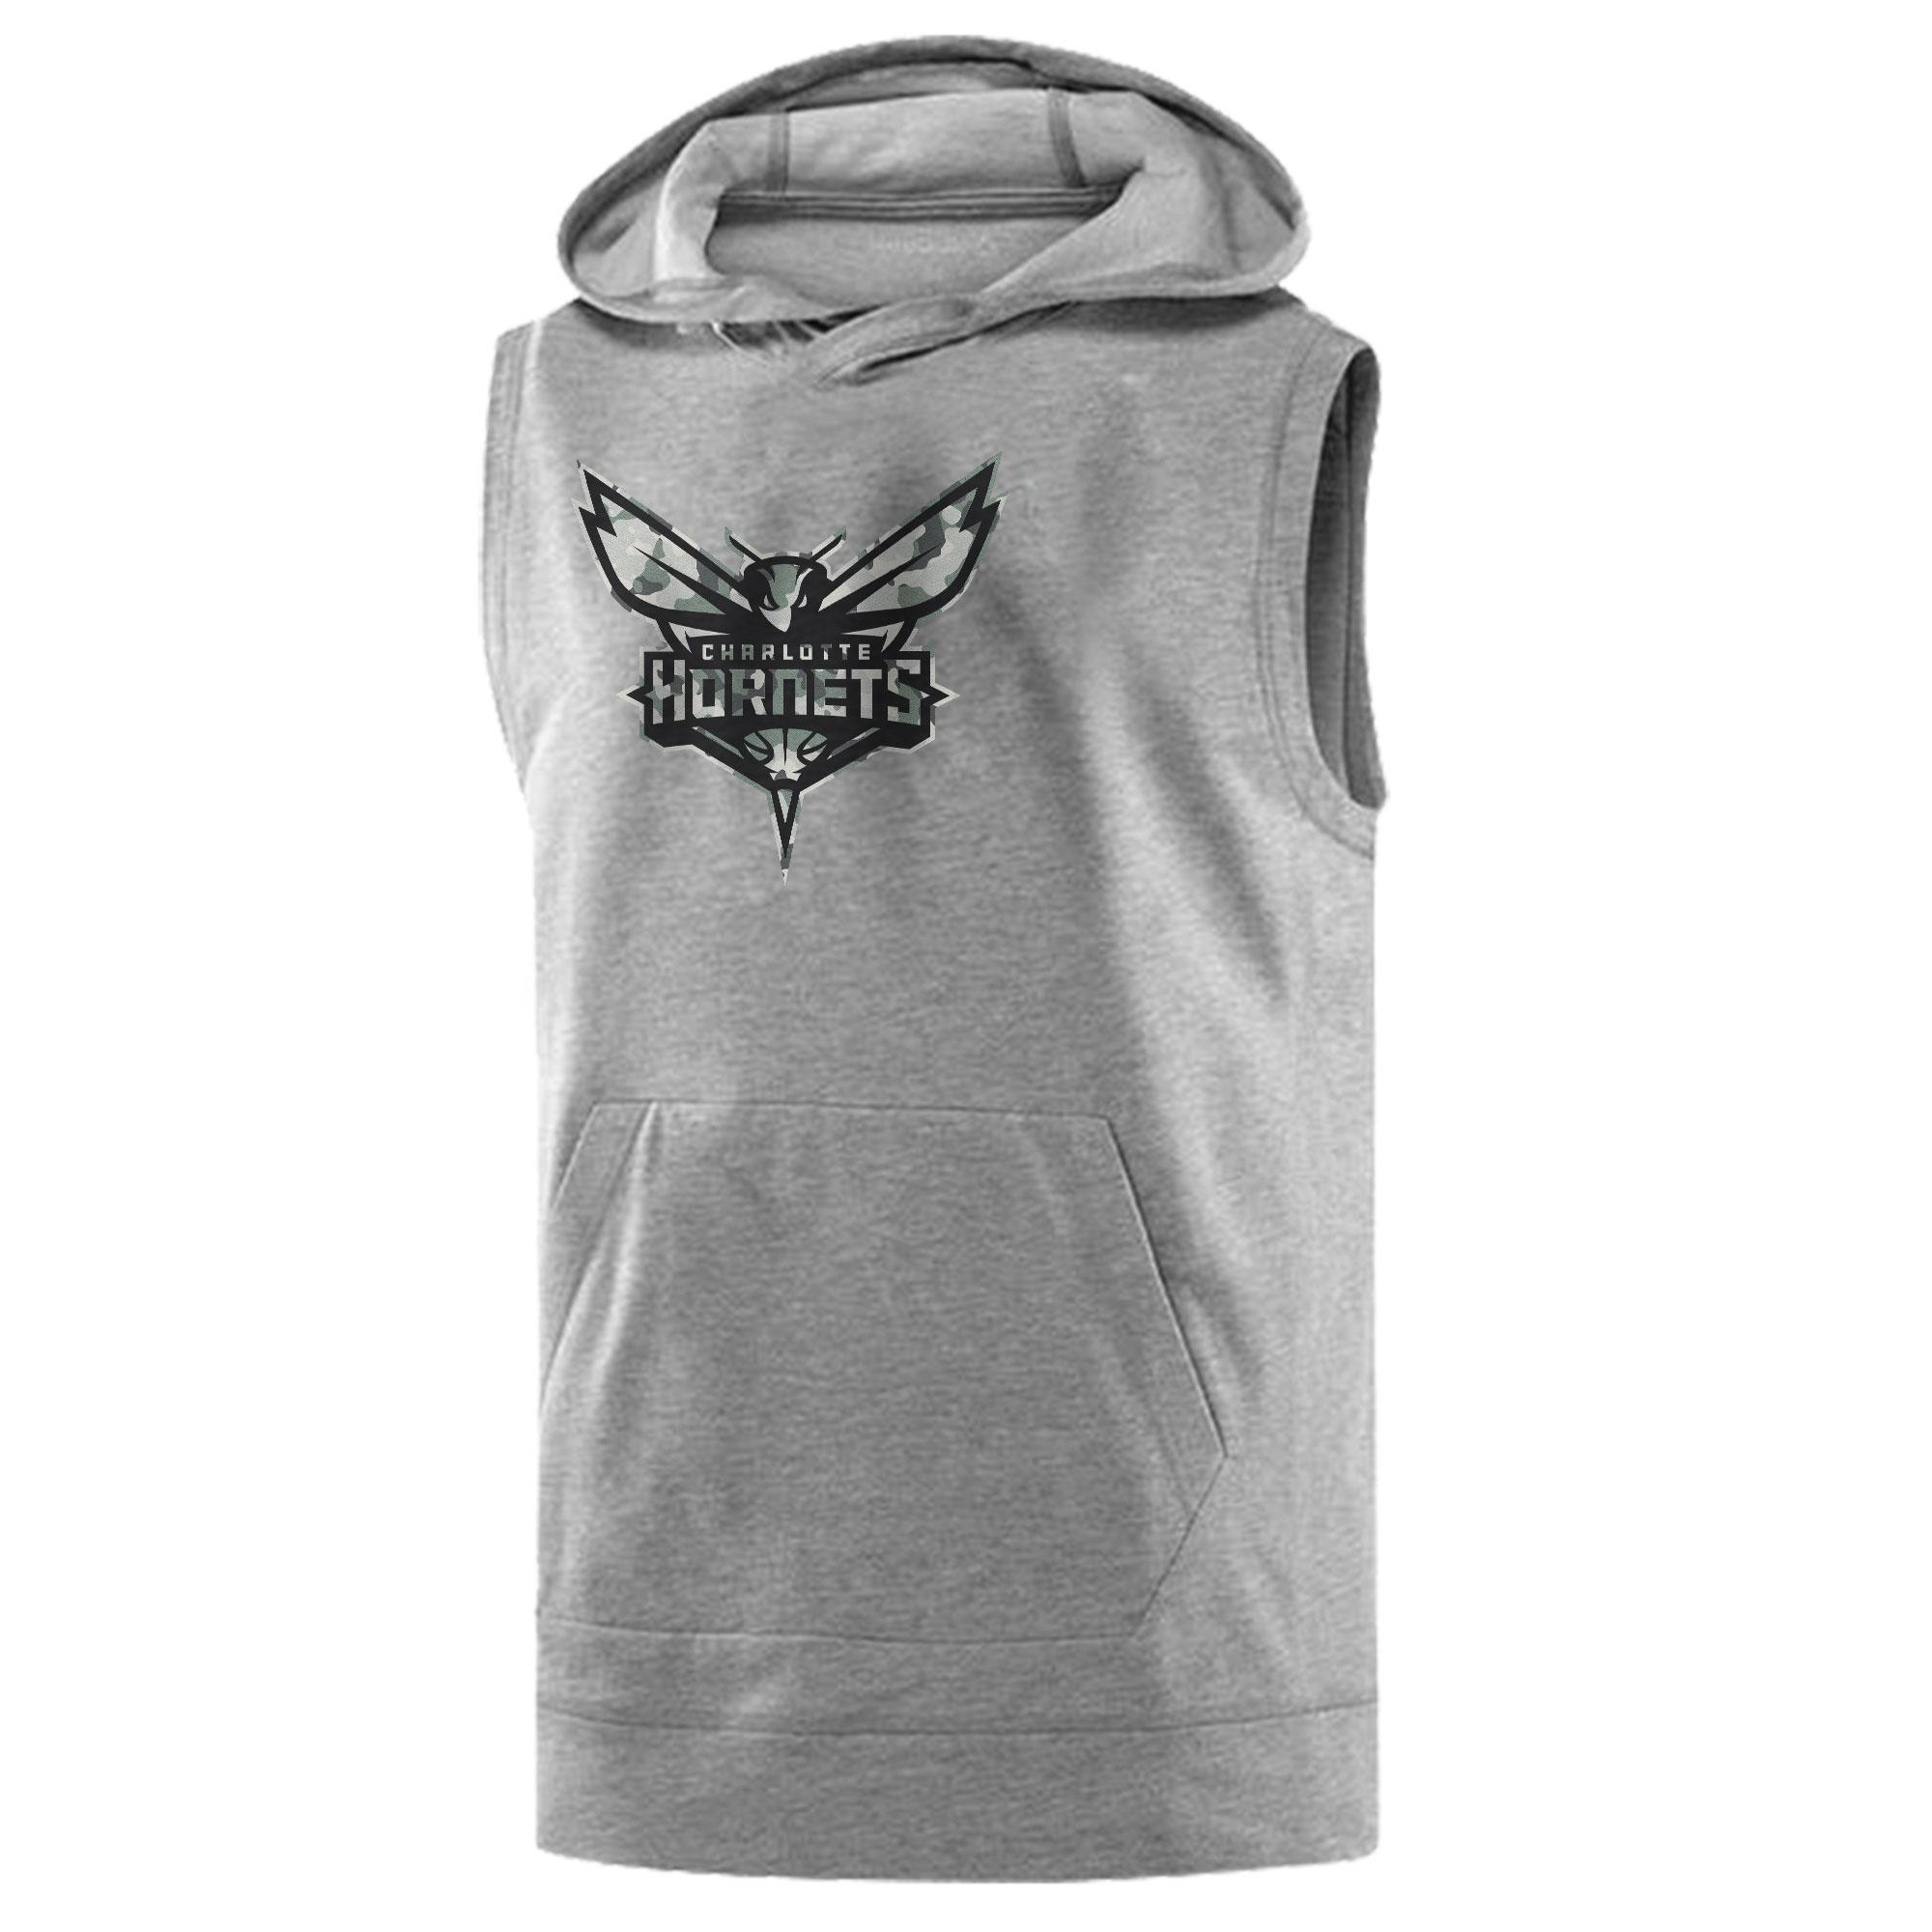 Charlotte Hornets Sleeveless (KLS-GRY-407-NBA-CHRL-HRNT-NEW)